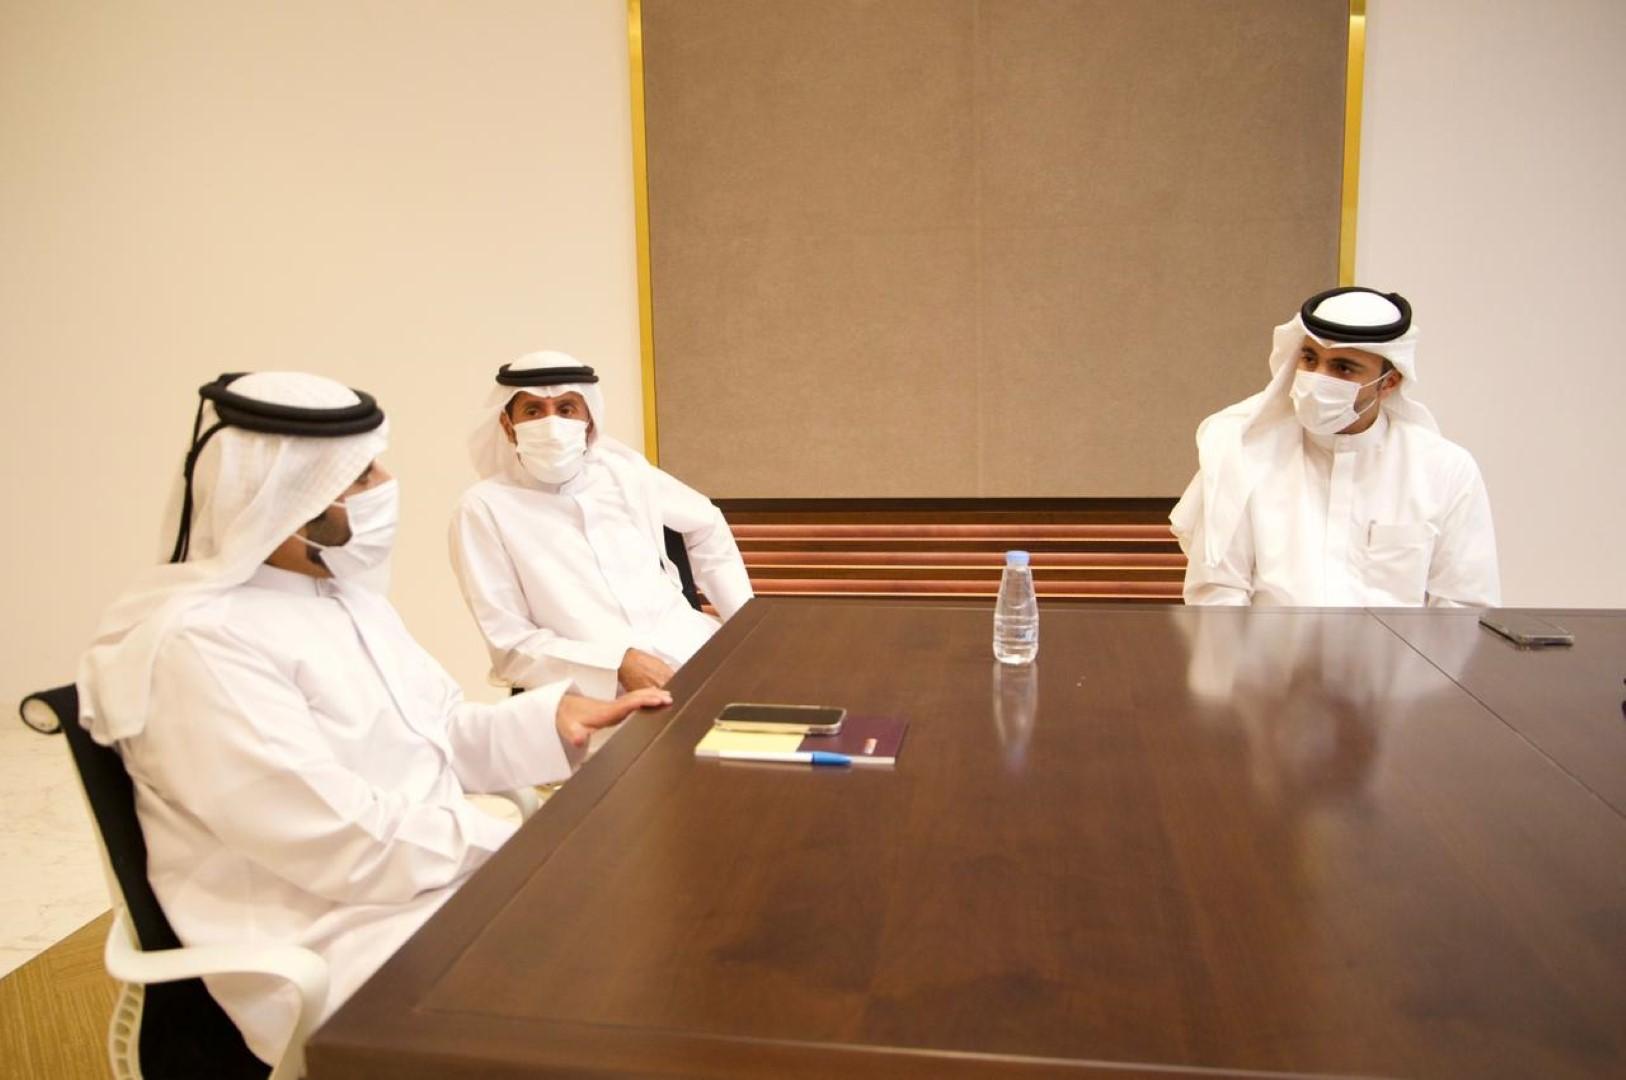 خالد القاسمي يؤكد أهمية تحسين أداء العمليات وتبسيط الإجراءات في منافذ الشارقة